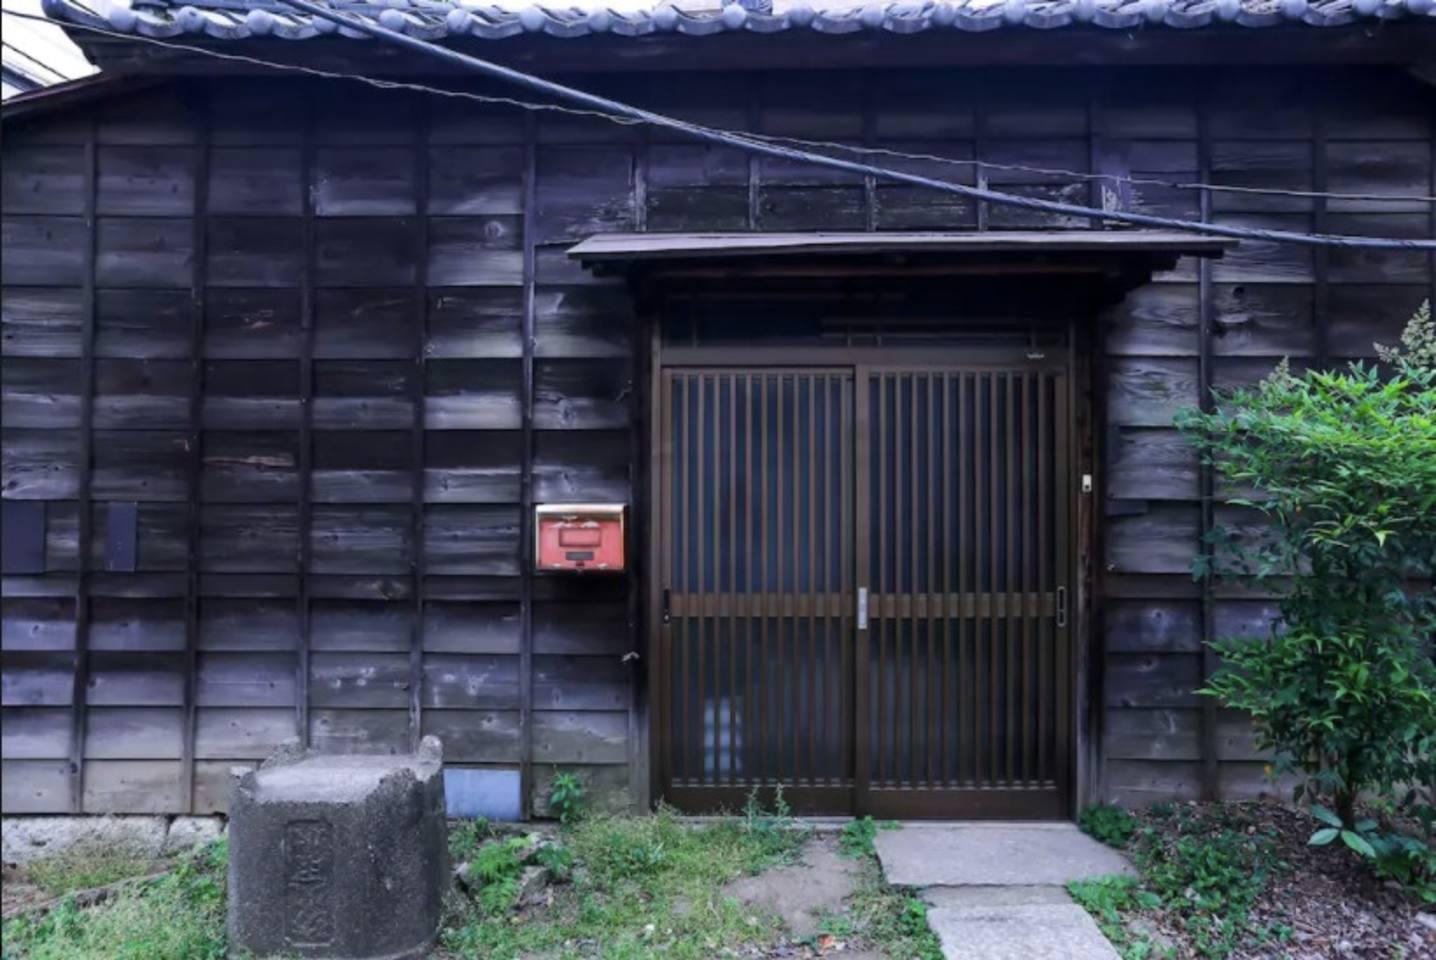 古民家風の一軒家@新宿エリア/水周りリノベ済(古民家風の一軒家) の写真0